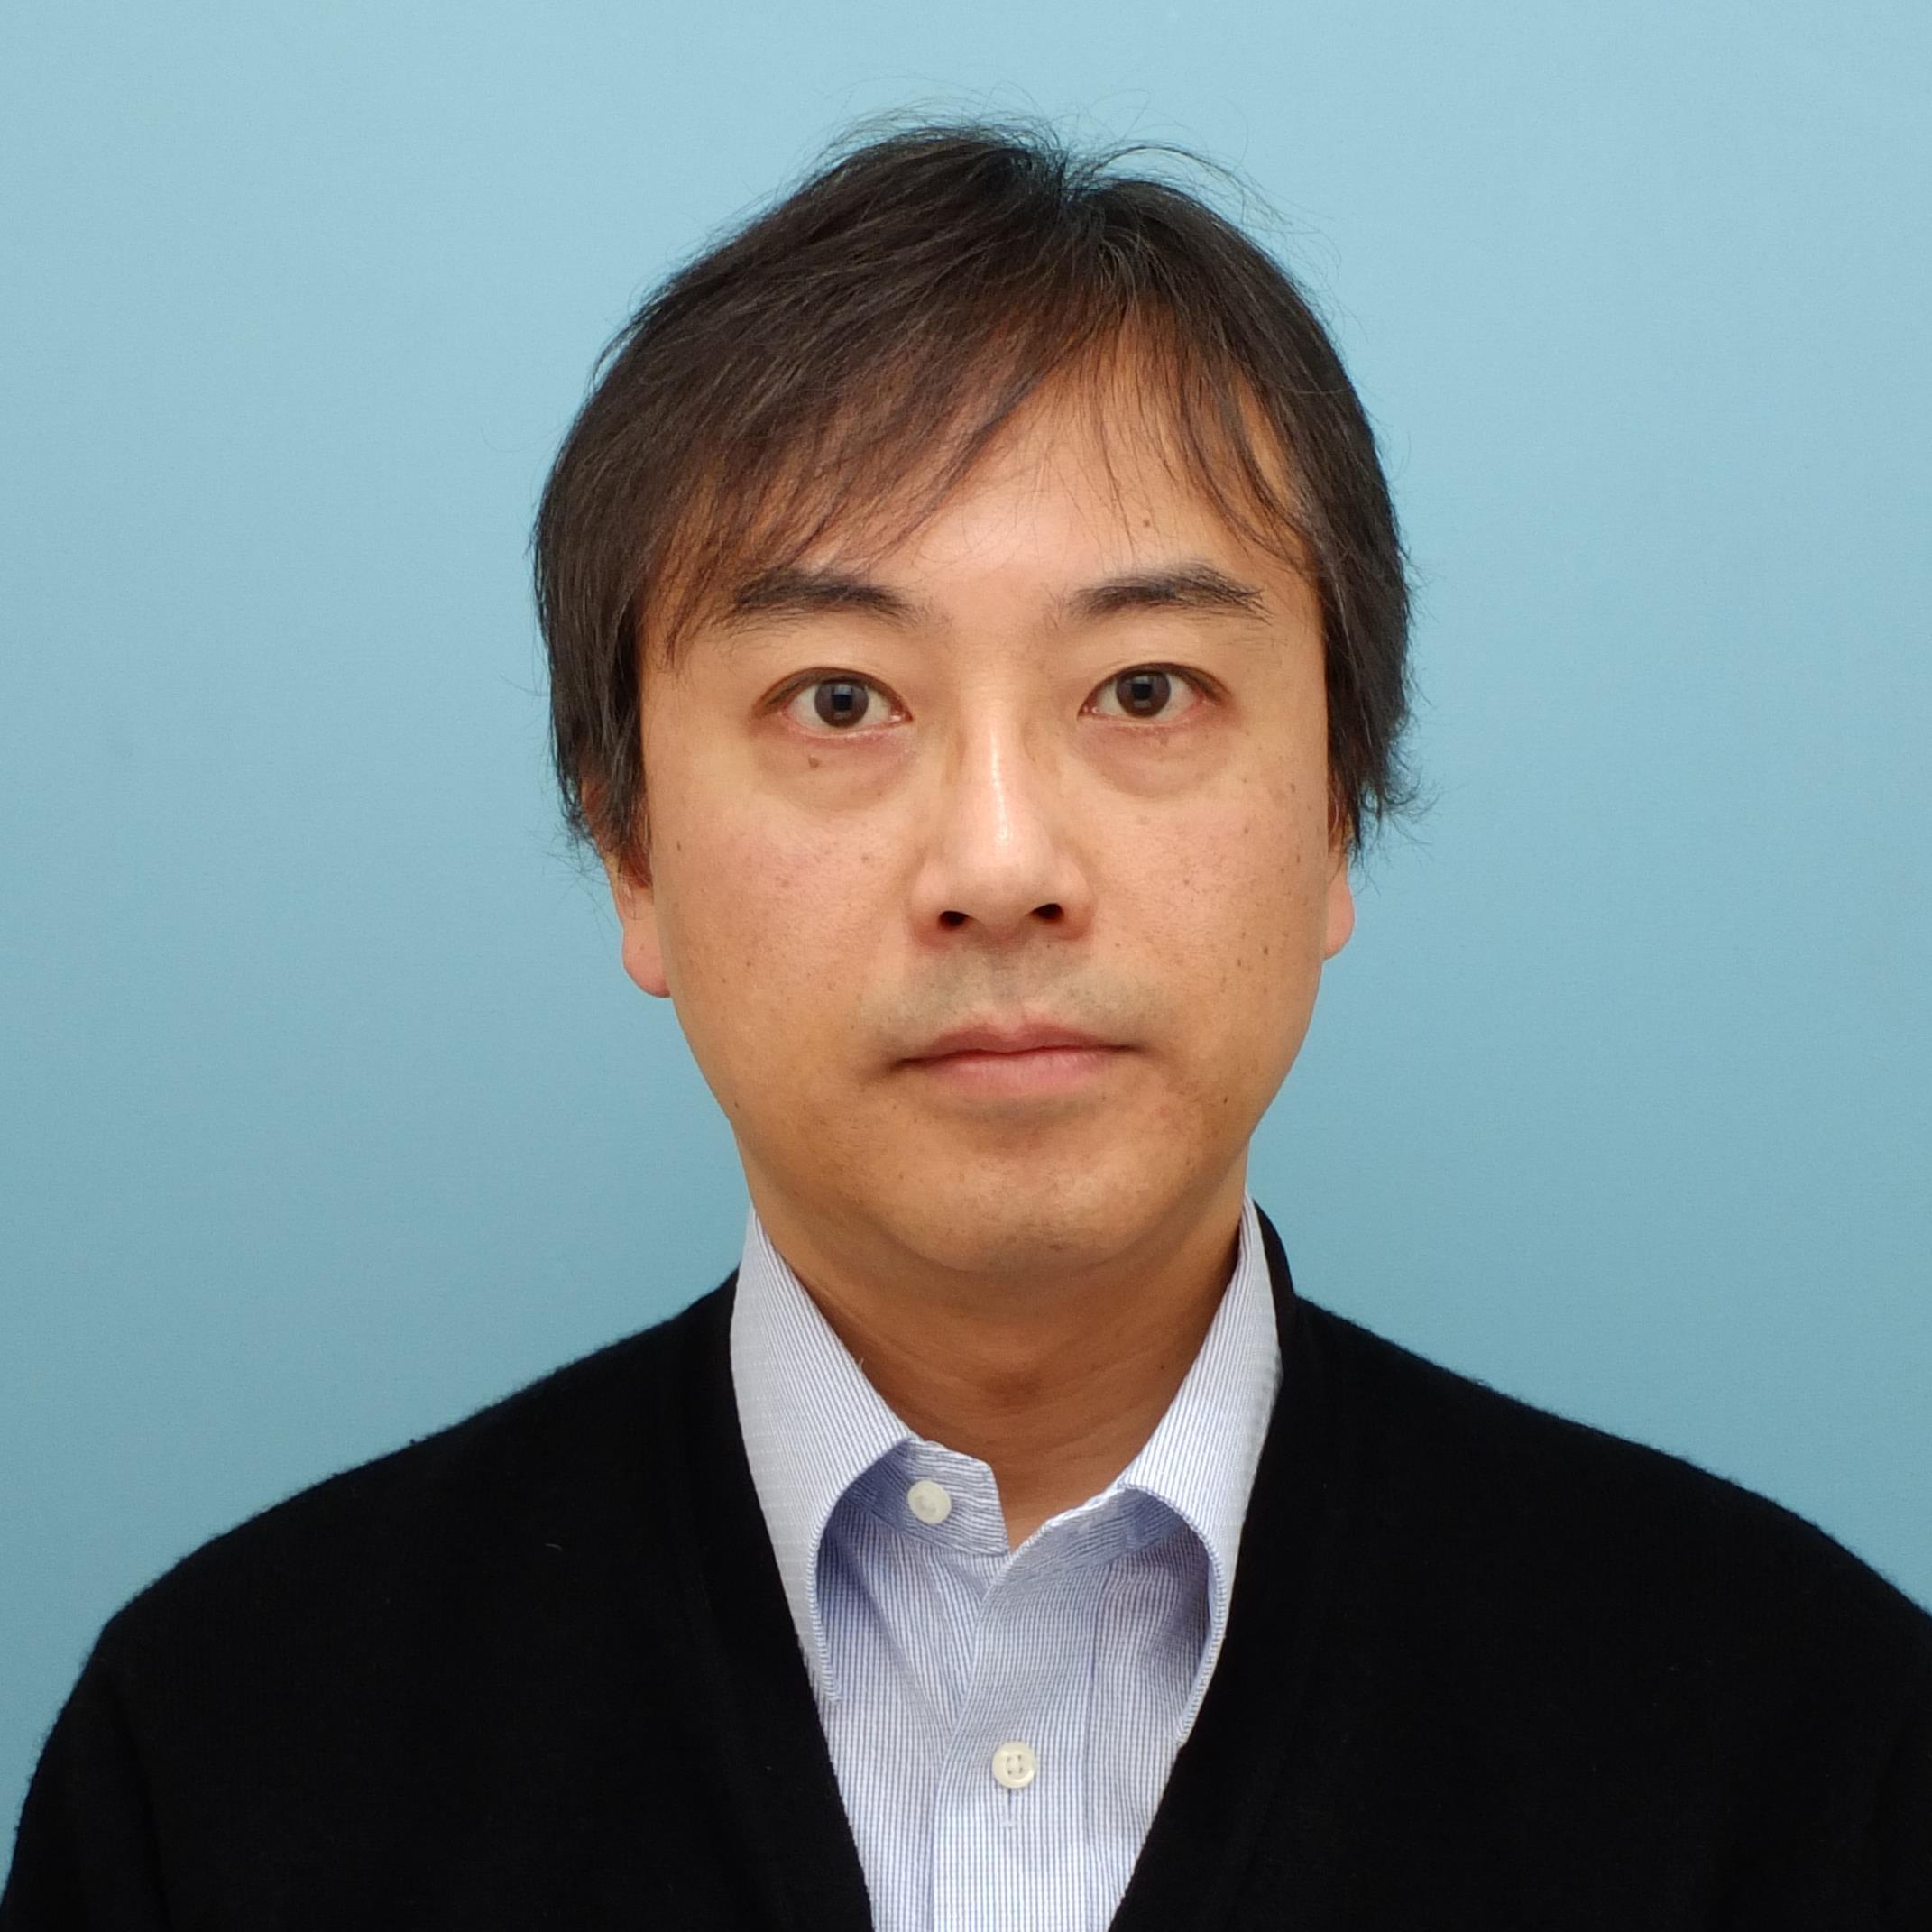 Imanishi, Akihiko_photo.jpg